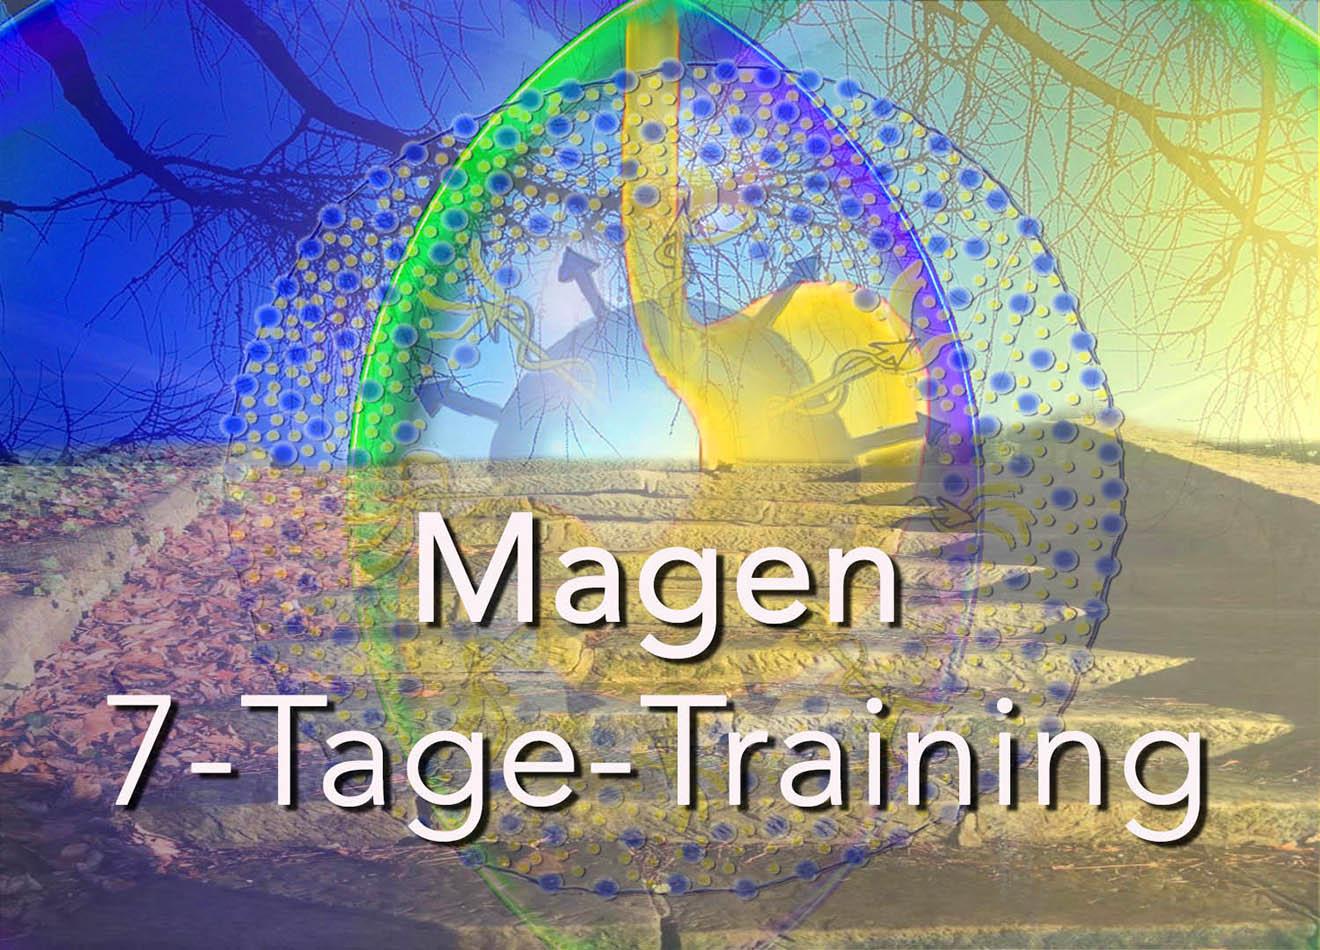 Magen-Training